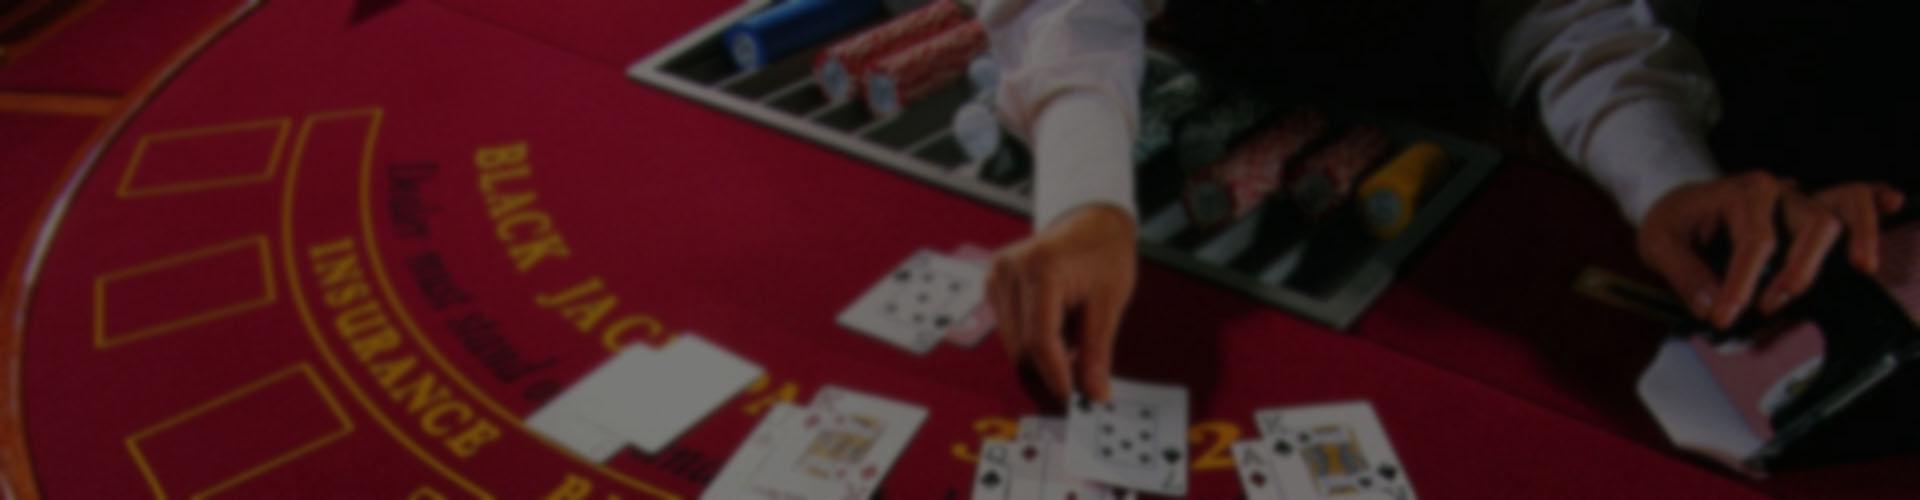 casino deutschland poker